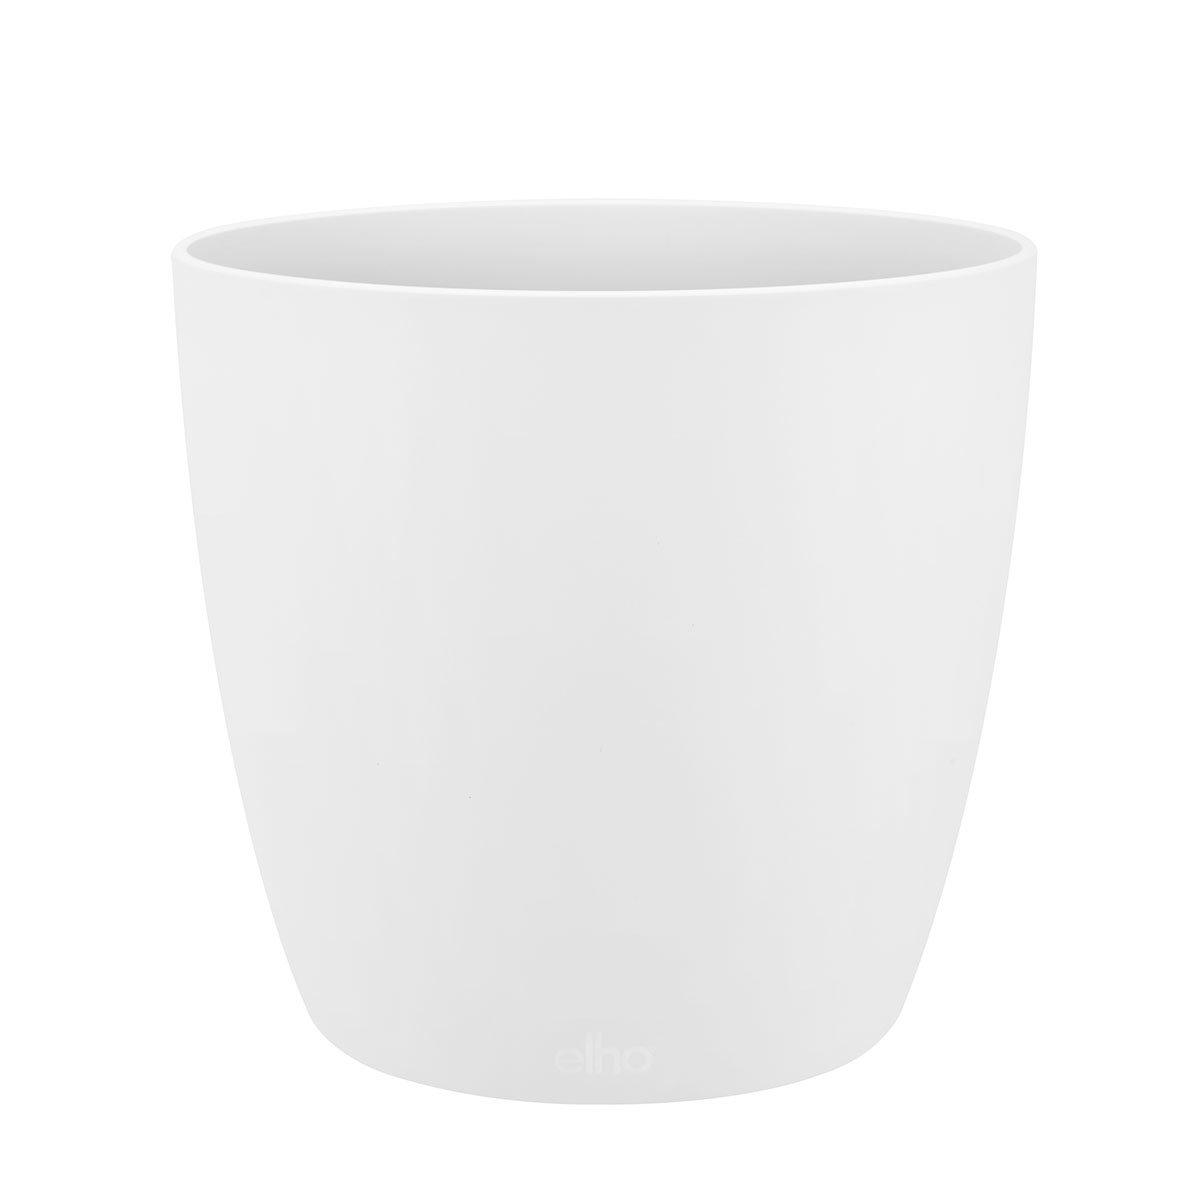 ELHO Design-Pflanztopf Brüssel, weiß  18x18x16 cm matt